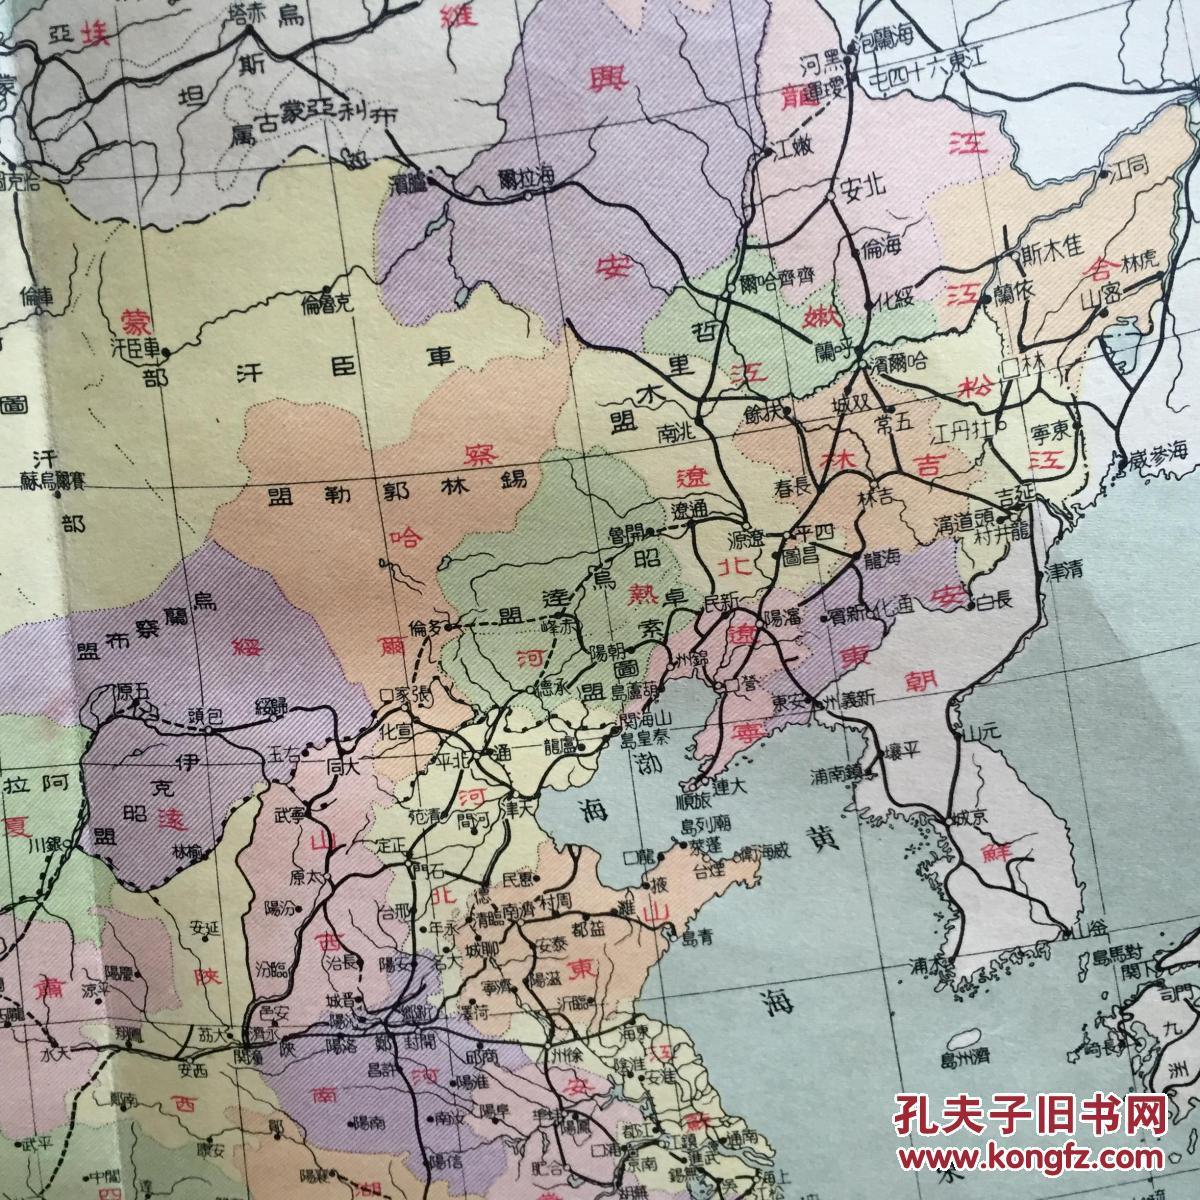 民国版 中华民国地图 政治区域图 民国政治区域图 8开图片